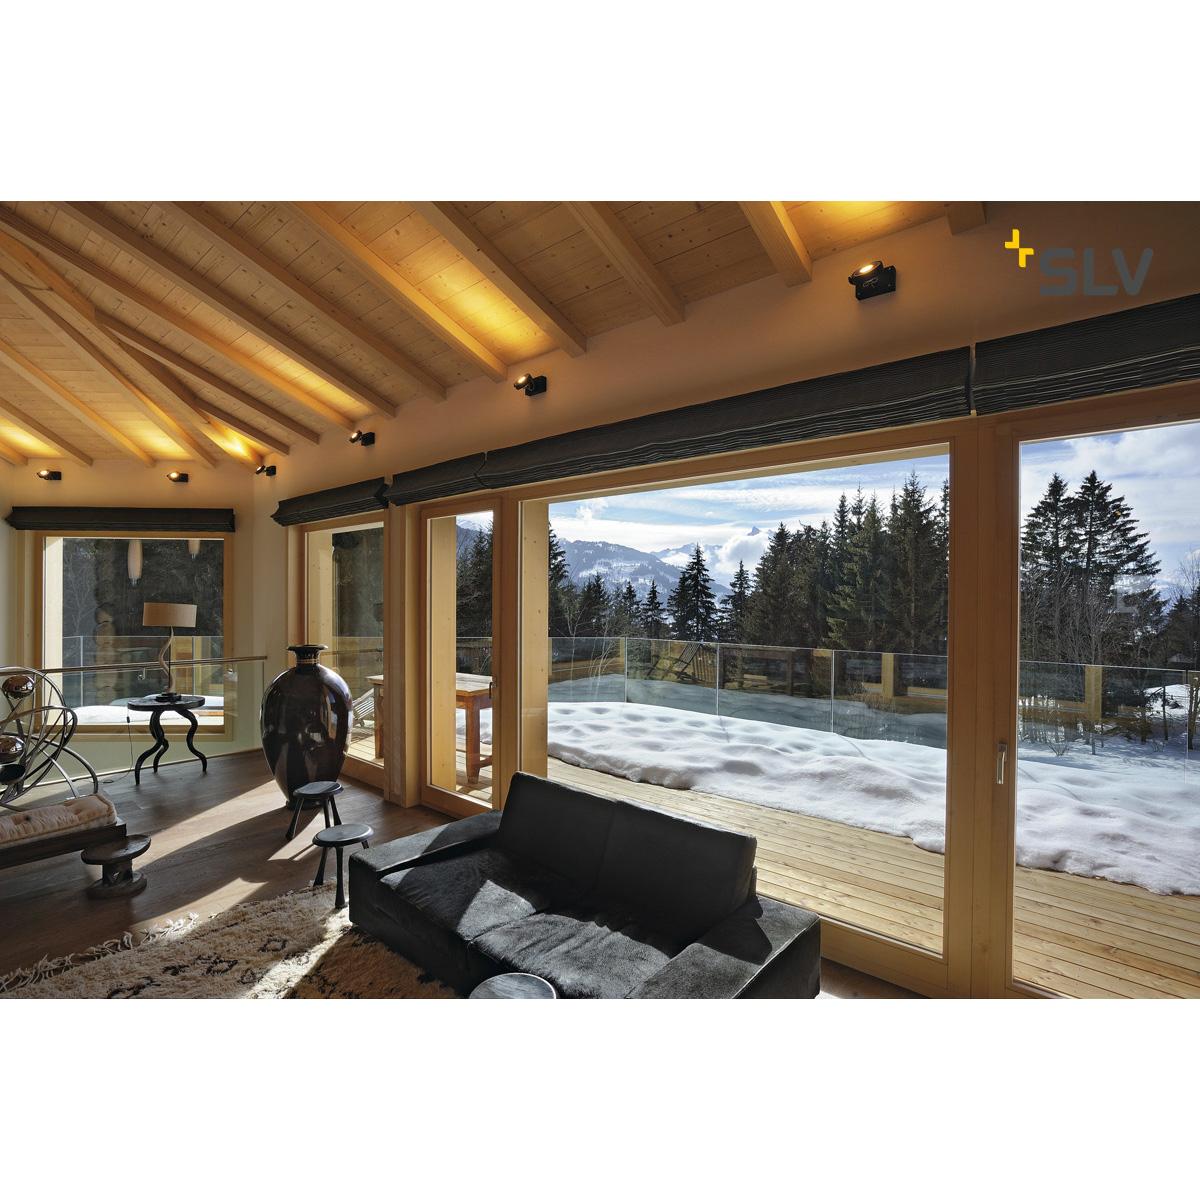 koop online kalu 1 qrb111 zwart 1xg53 147250 van slv webshop slv nederland. Black Bedroom Furniture Sets. Home Design Ideas